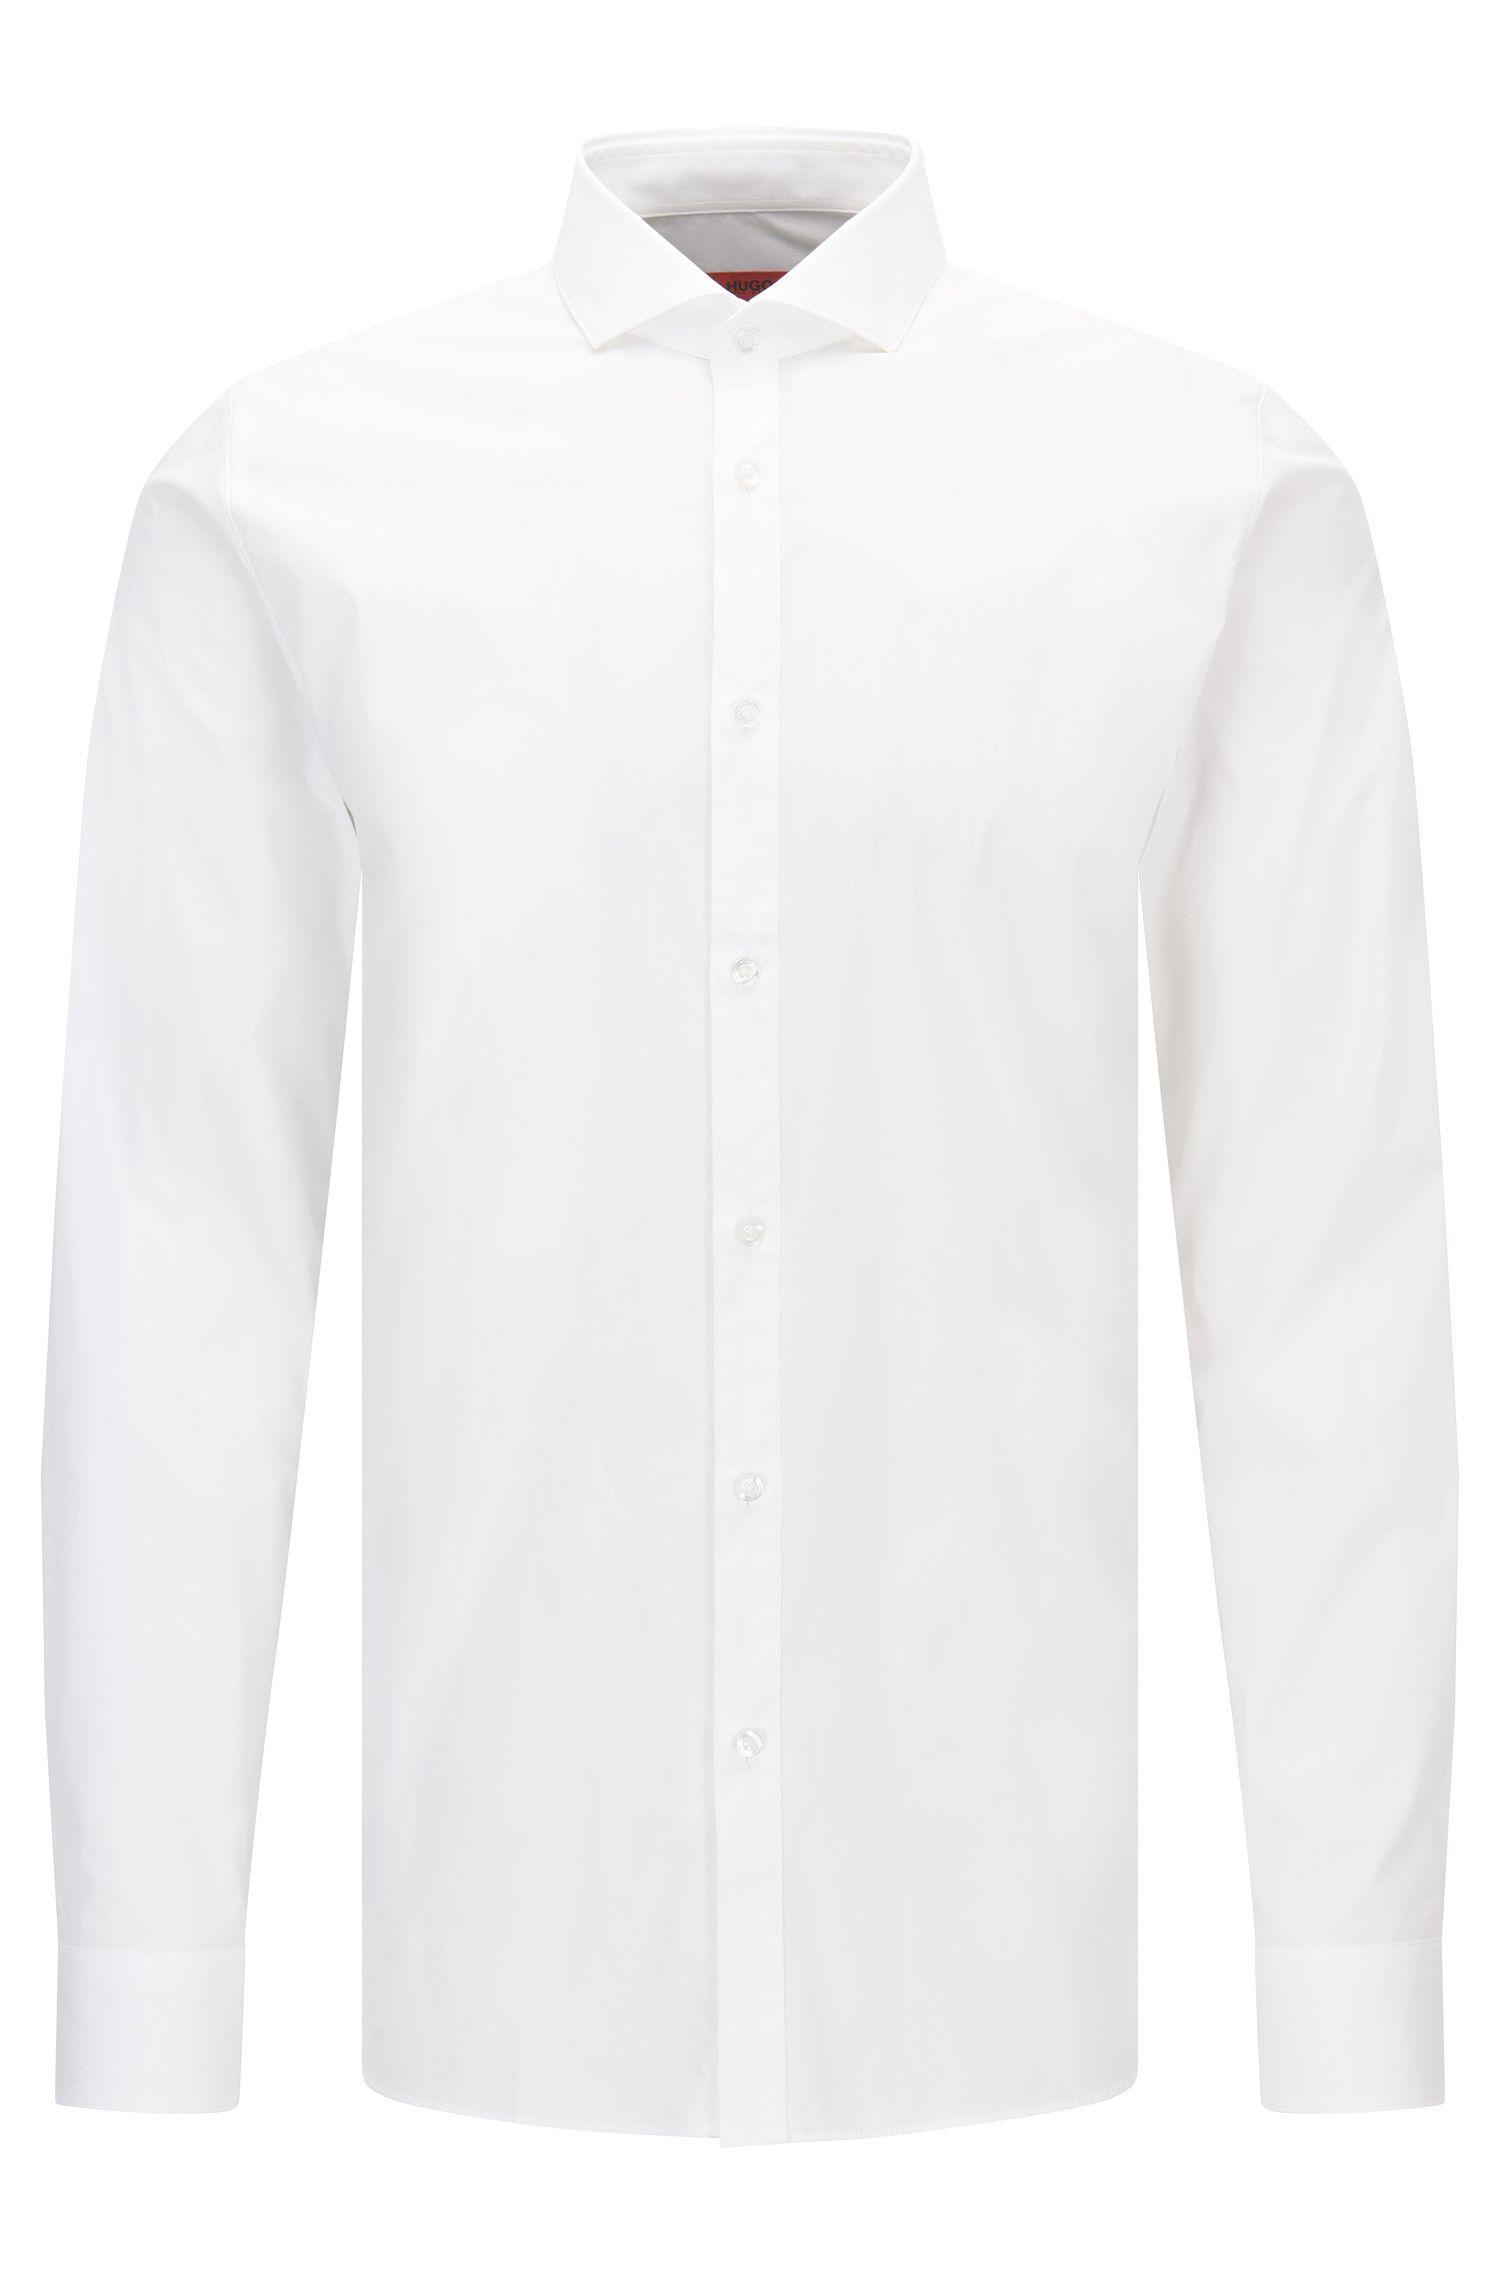 Extra-Slim-Fit-Hemd aus elastischer Baumwoll-Popeline